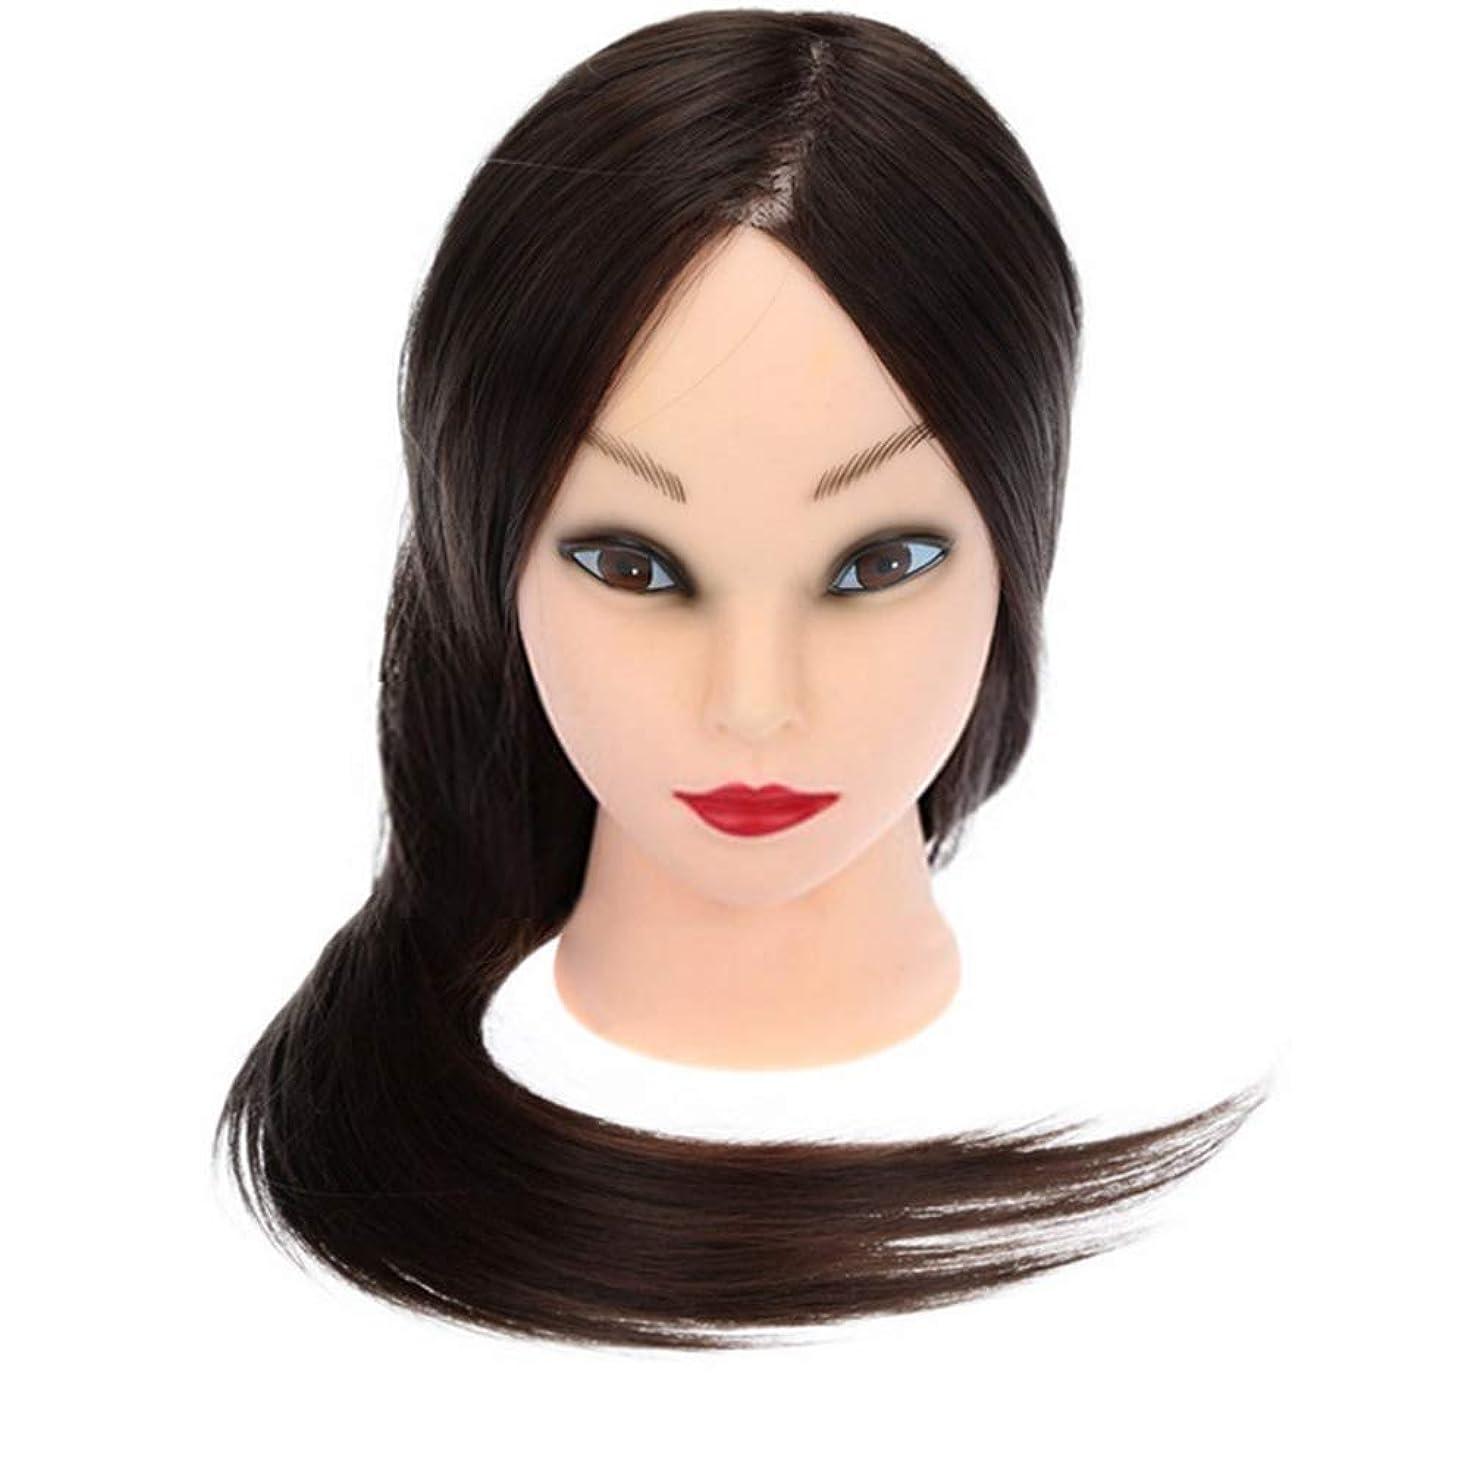 郵便物シェフ強制的練習ディスク髪編組ヘアモデル理髪店スクールティーチングヘッドロングかつら美容マネキンヘッド